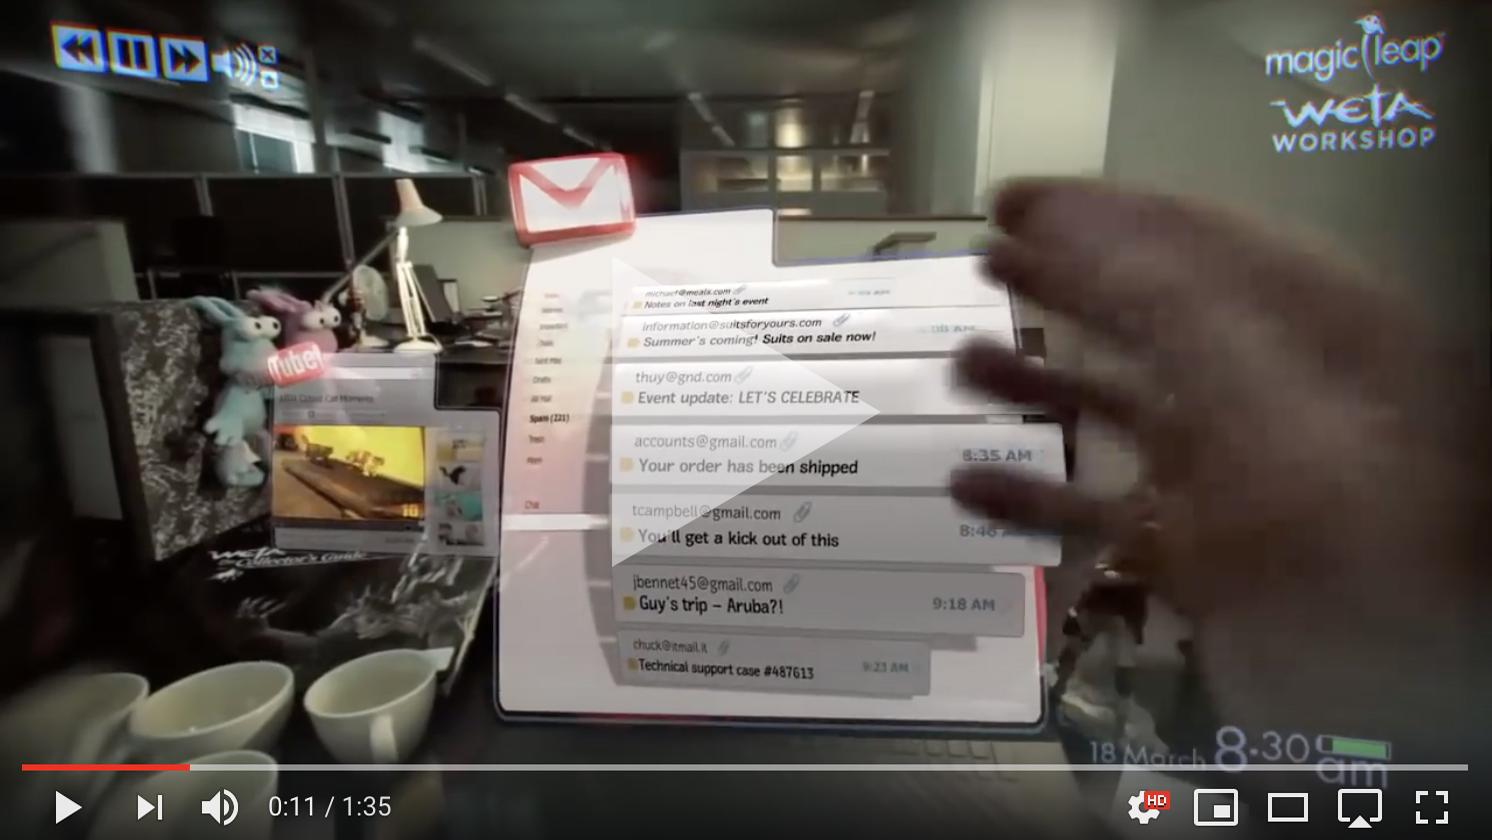 Deze afbeelding hoort bij FrankWatching Blog: Dit moet weten om jouw videos viraal te laten gaan van Stephan Makatita. Magic Leap